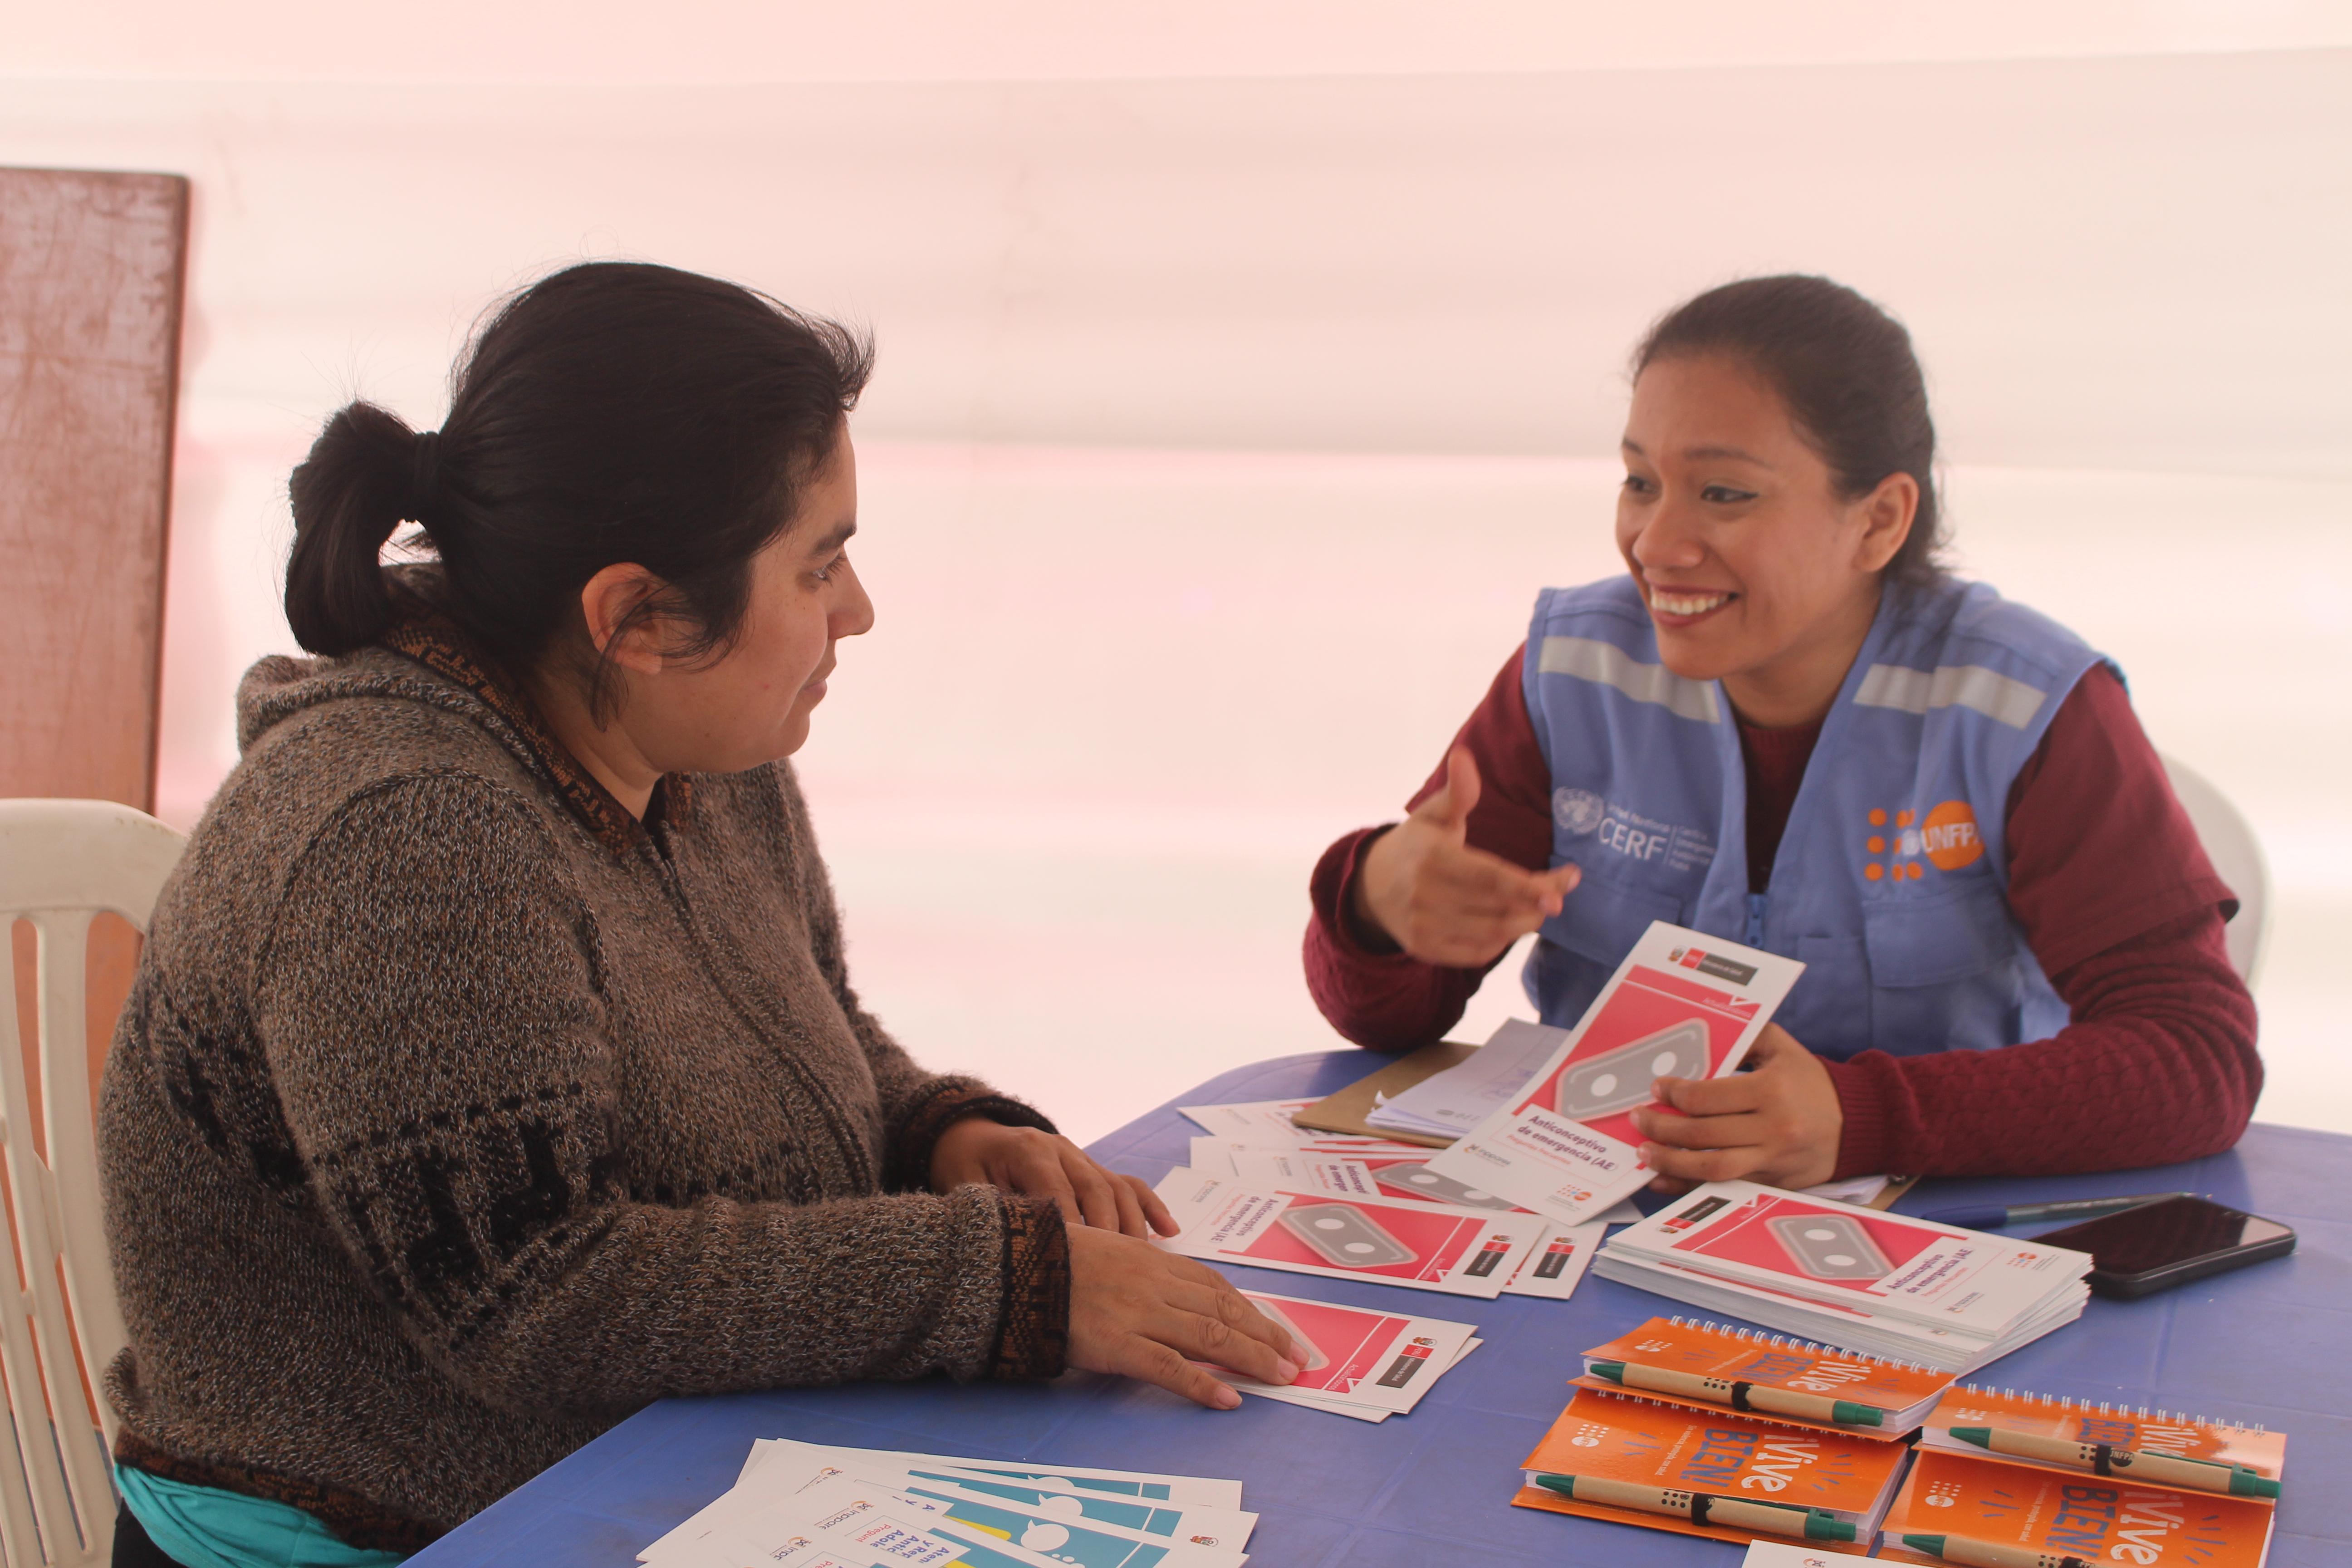 Woman speaks with UNFPA staff member